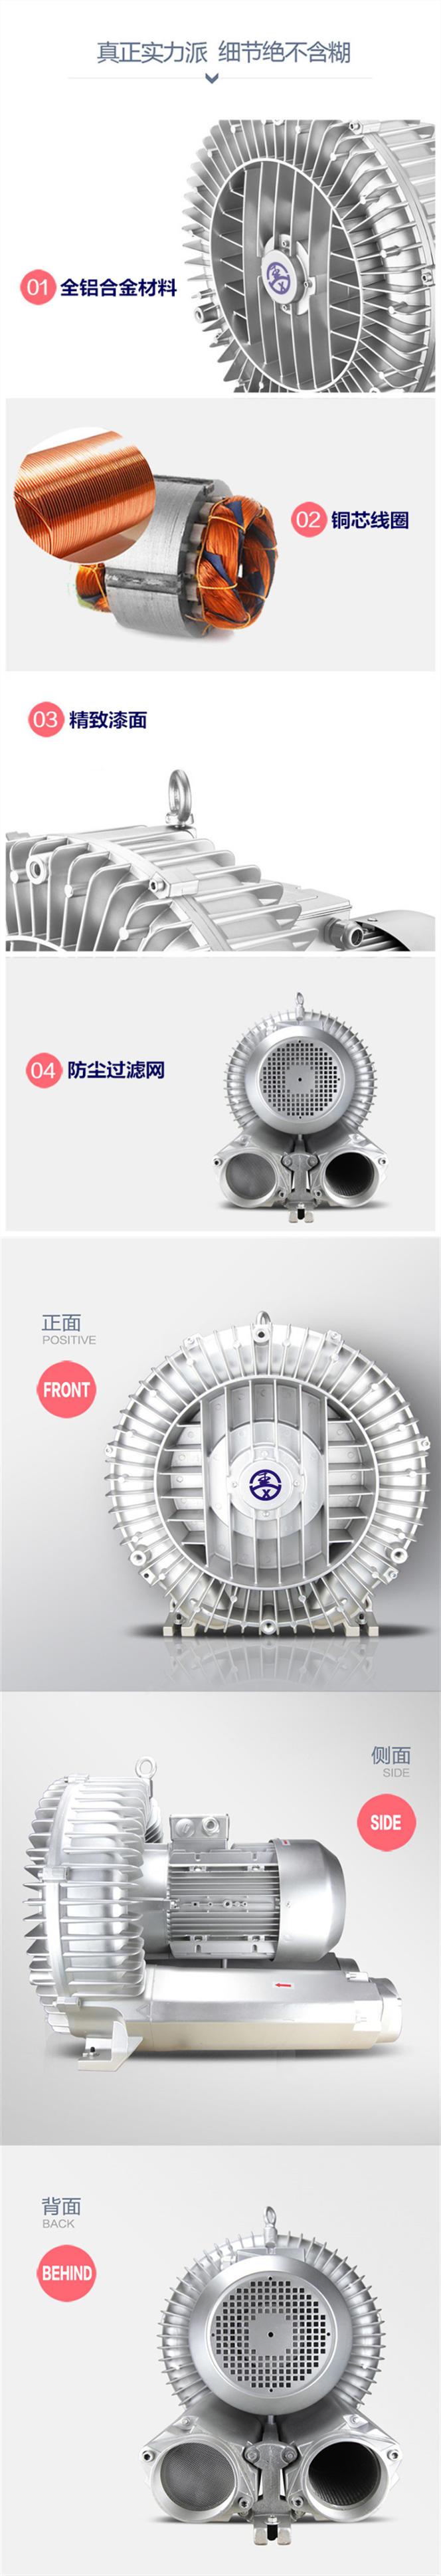 高压风机 中国台湾 22kw高压漩涡风机 江苏高压风机厂家示例图4